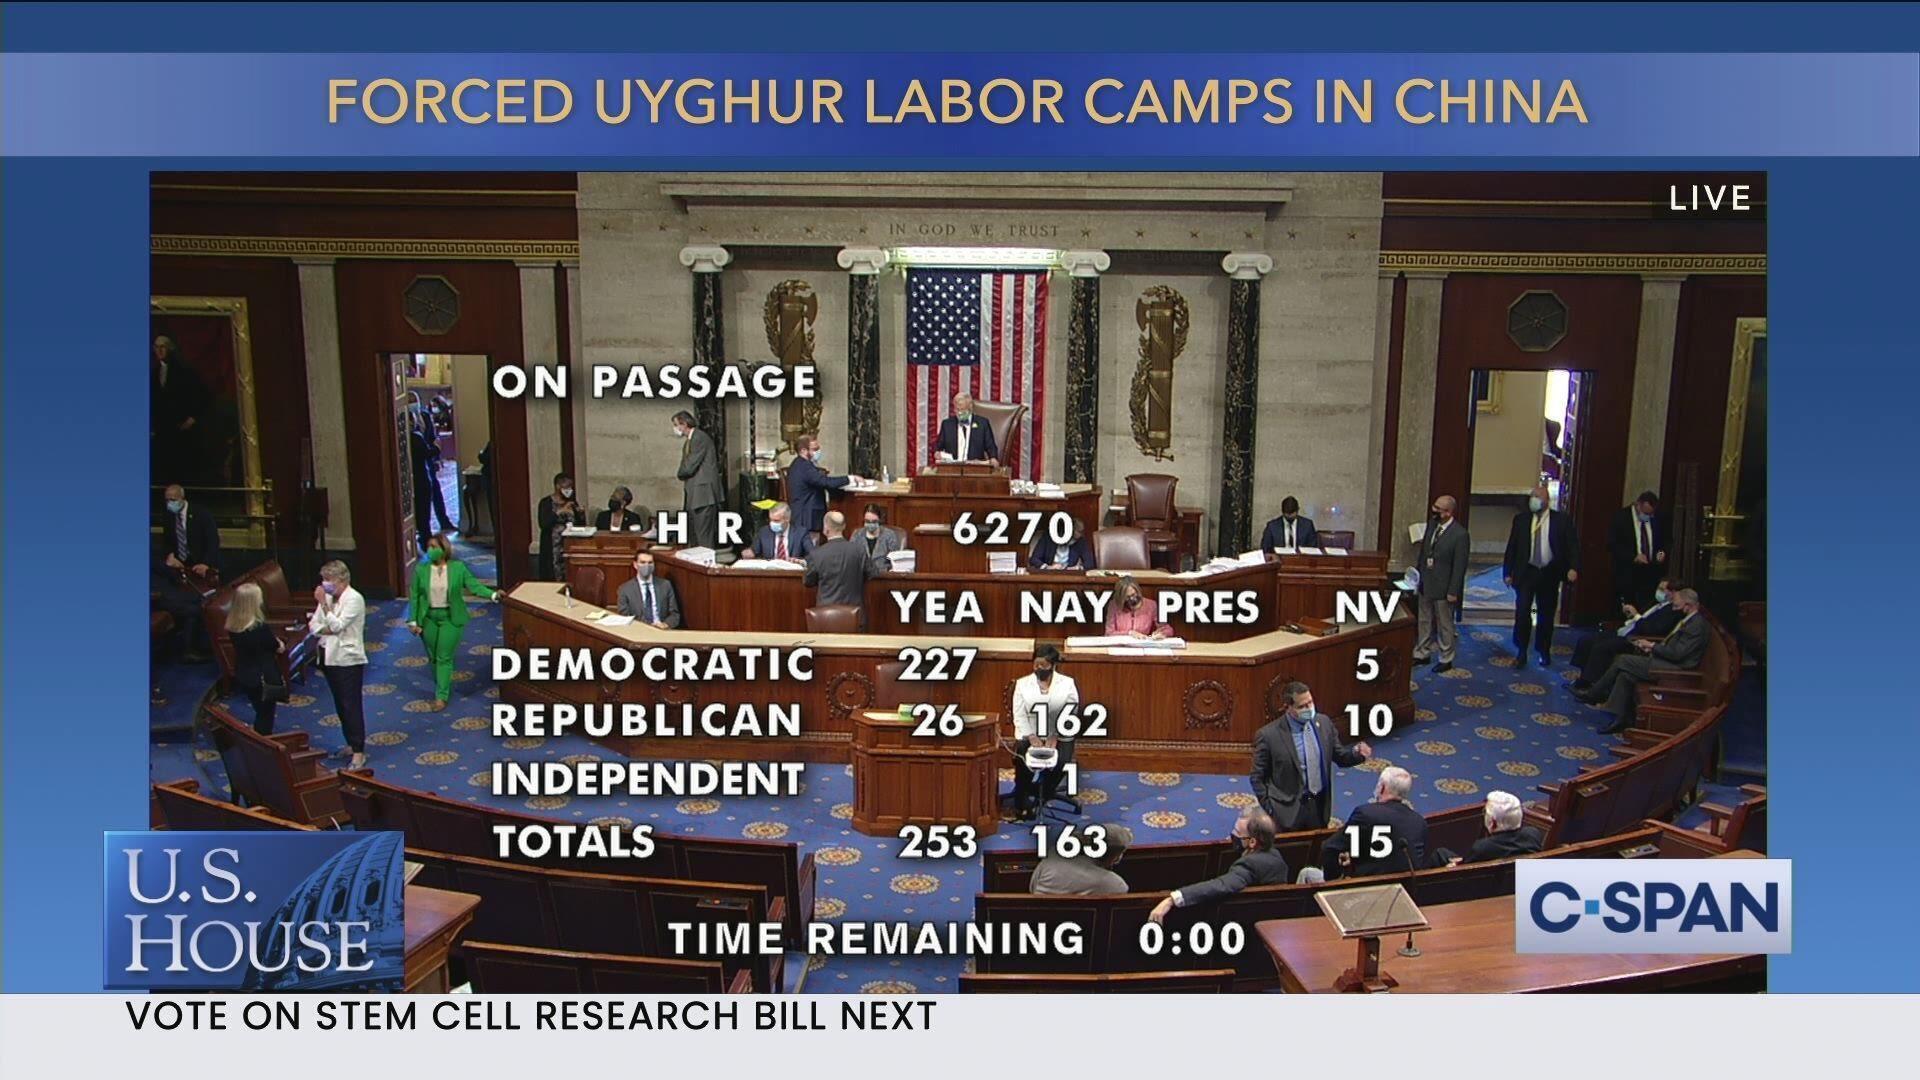 美国国会众议院就《强迫维吾尔人劳动披露法案》的表决结果